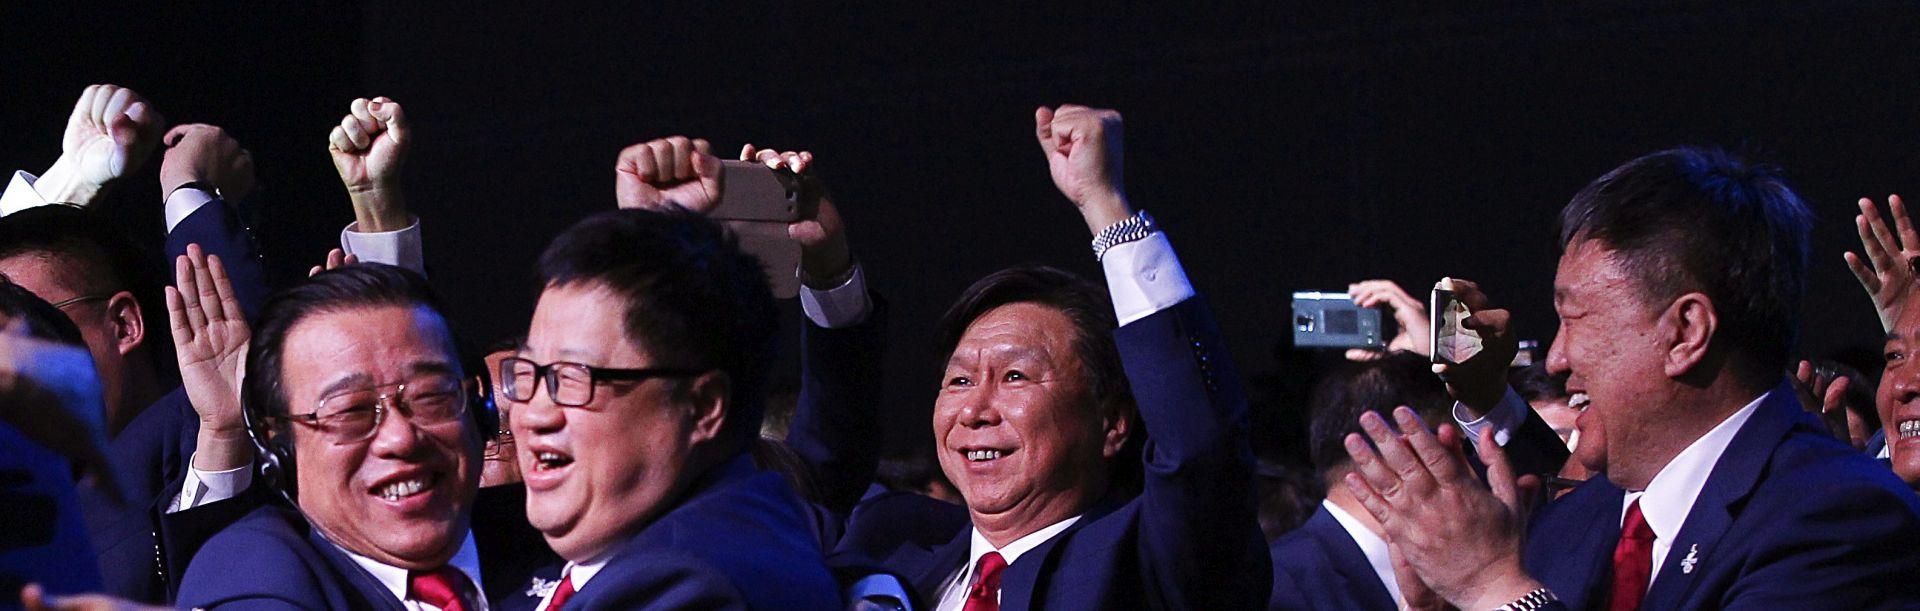 ZBOG STABILNE EKONOMIJE: Peking domaćin Zimskih olimpijskih igara 2022.